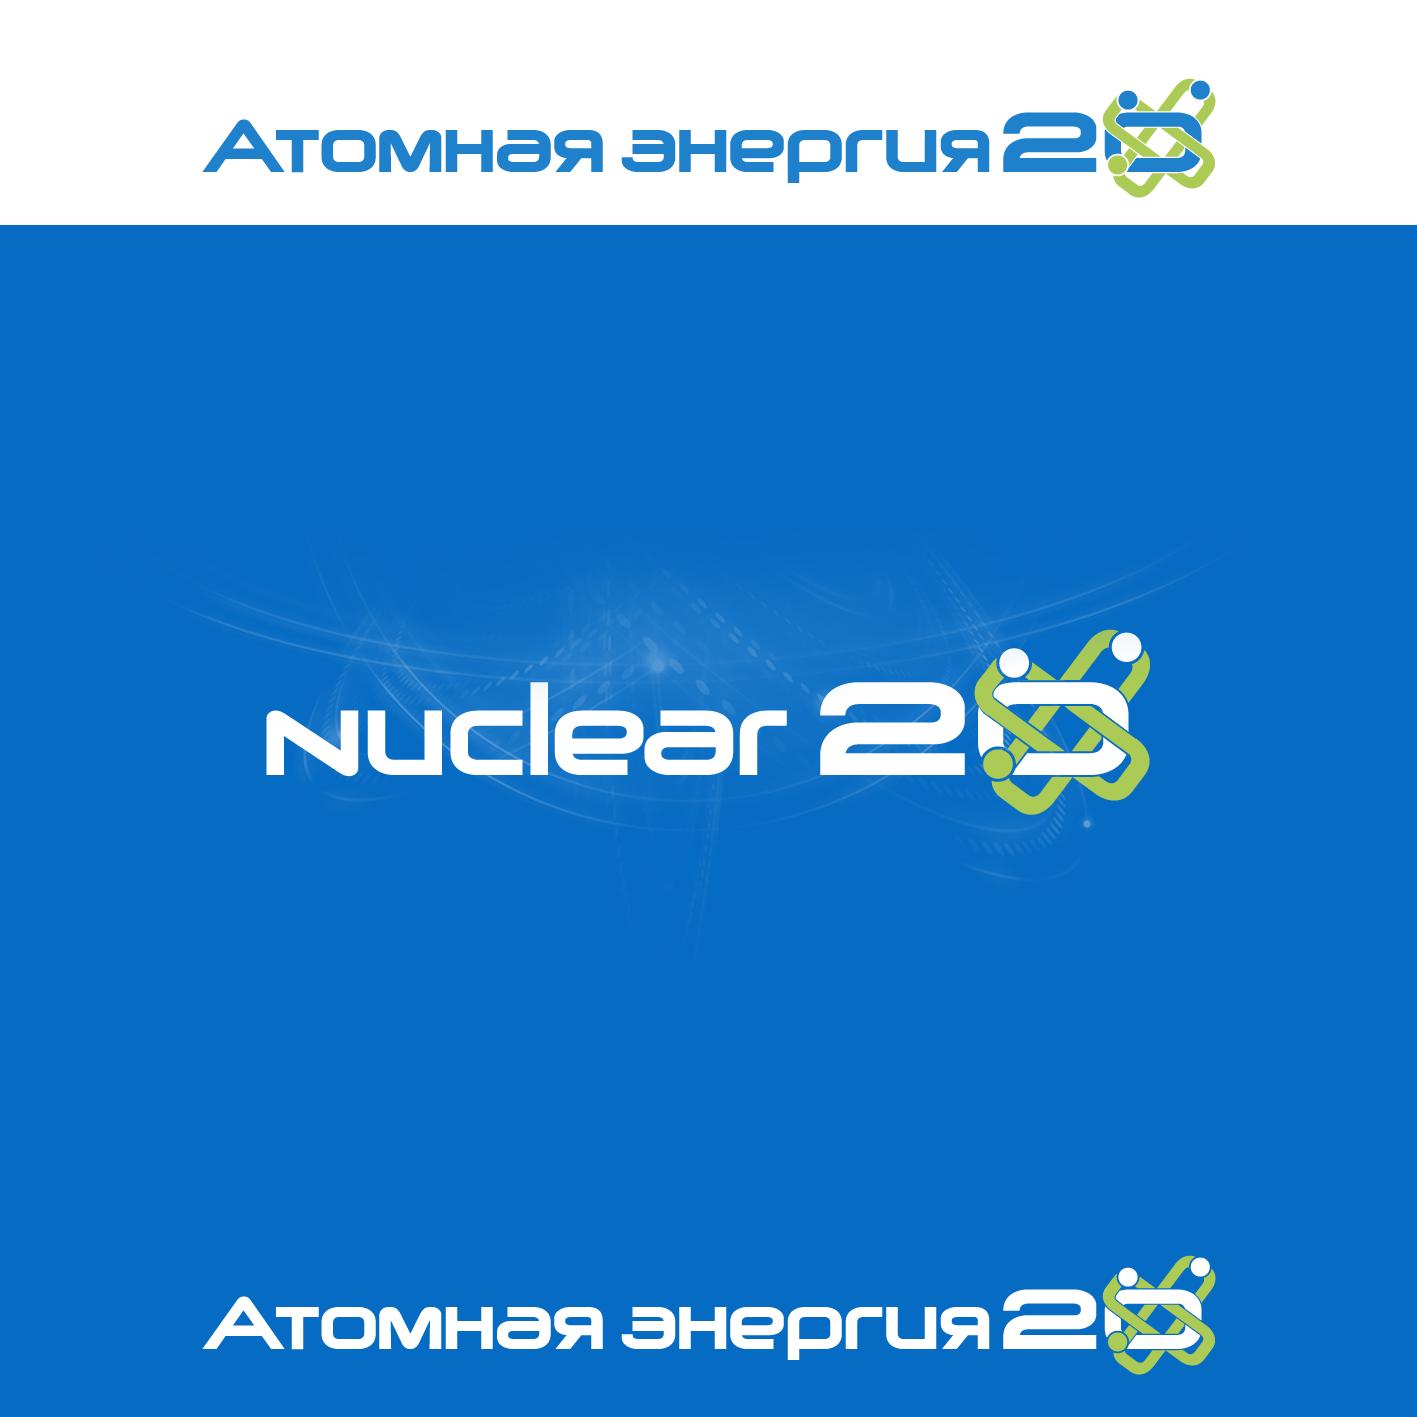 """Фирменный стиль для научного портала """"Атомная энергия 2.0"""" фото f_72159e1bd259f9db.png"""